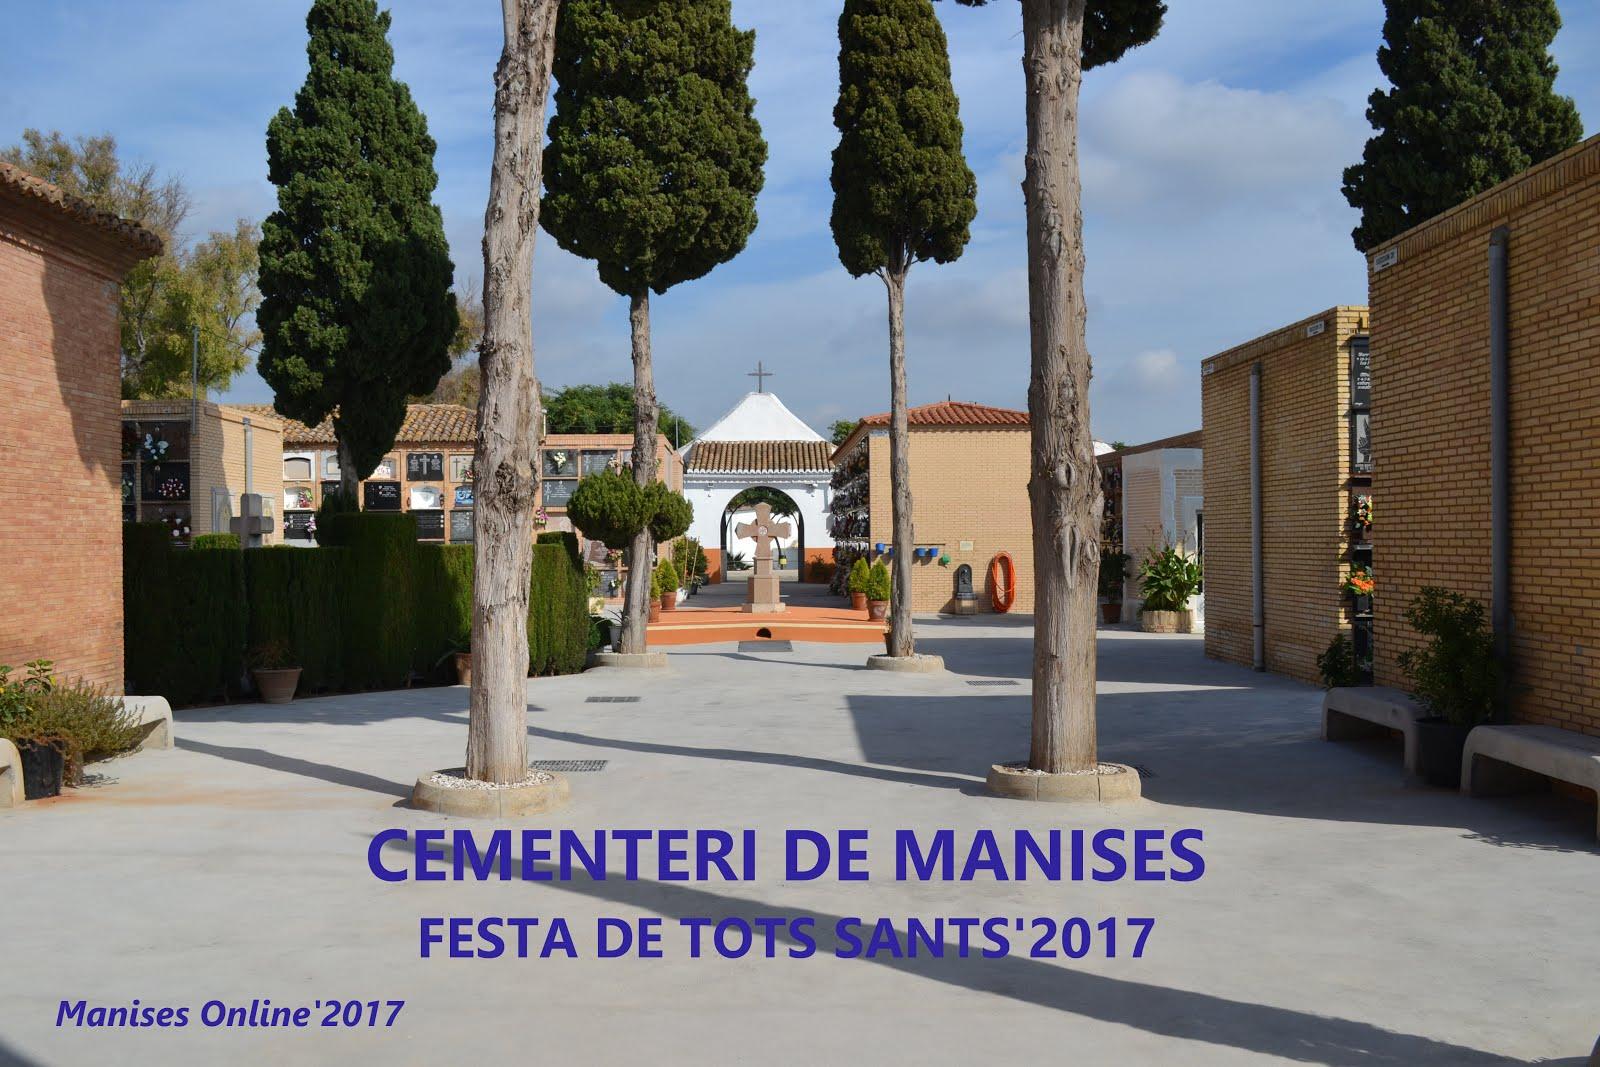 01.11.17 DIA DE TOTS SANTS EN EL CEMENTERI DE MANISES